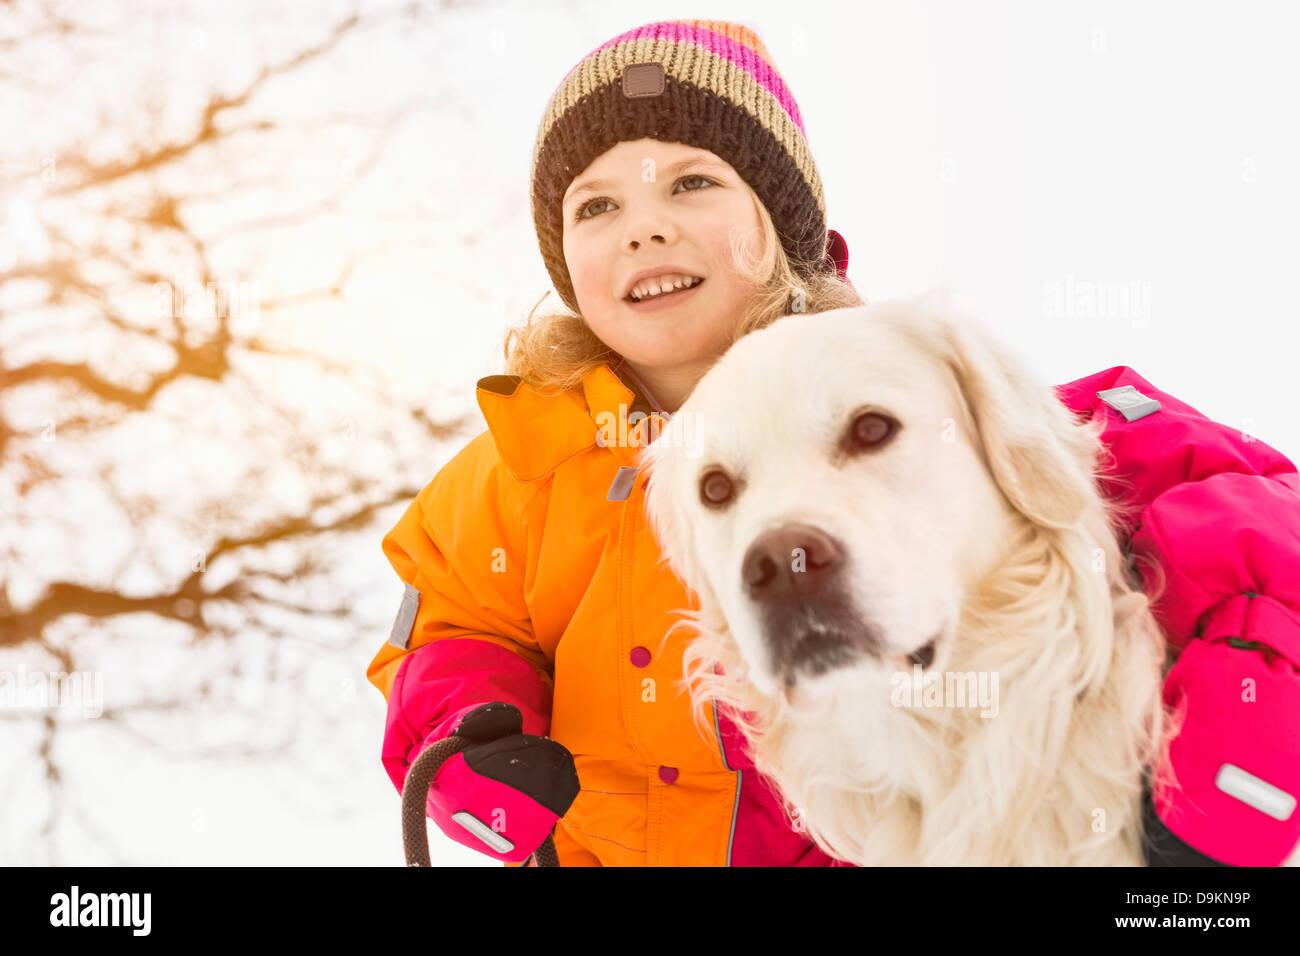 Chica con brazo alrededor de perro Imagen De Stock